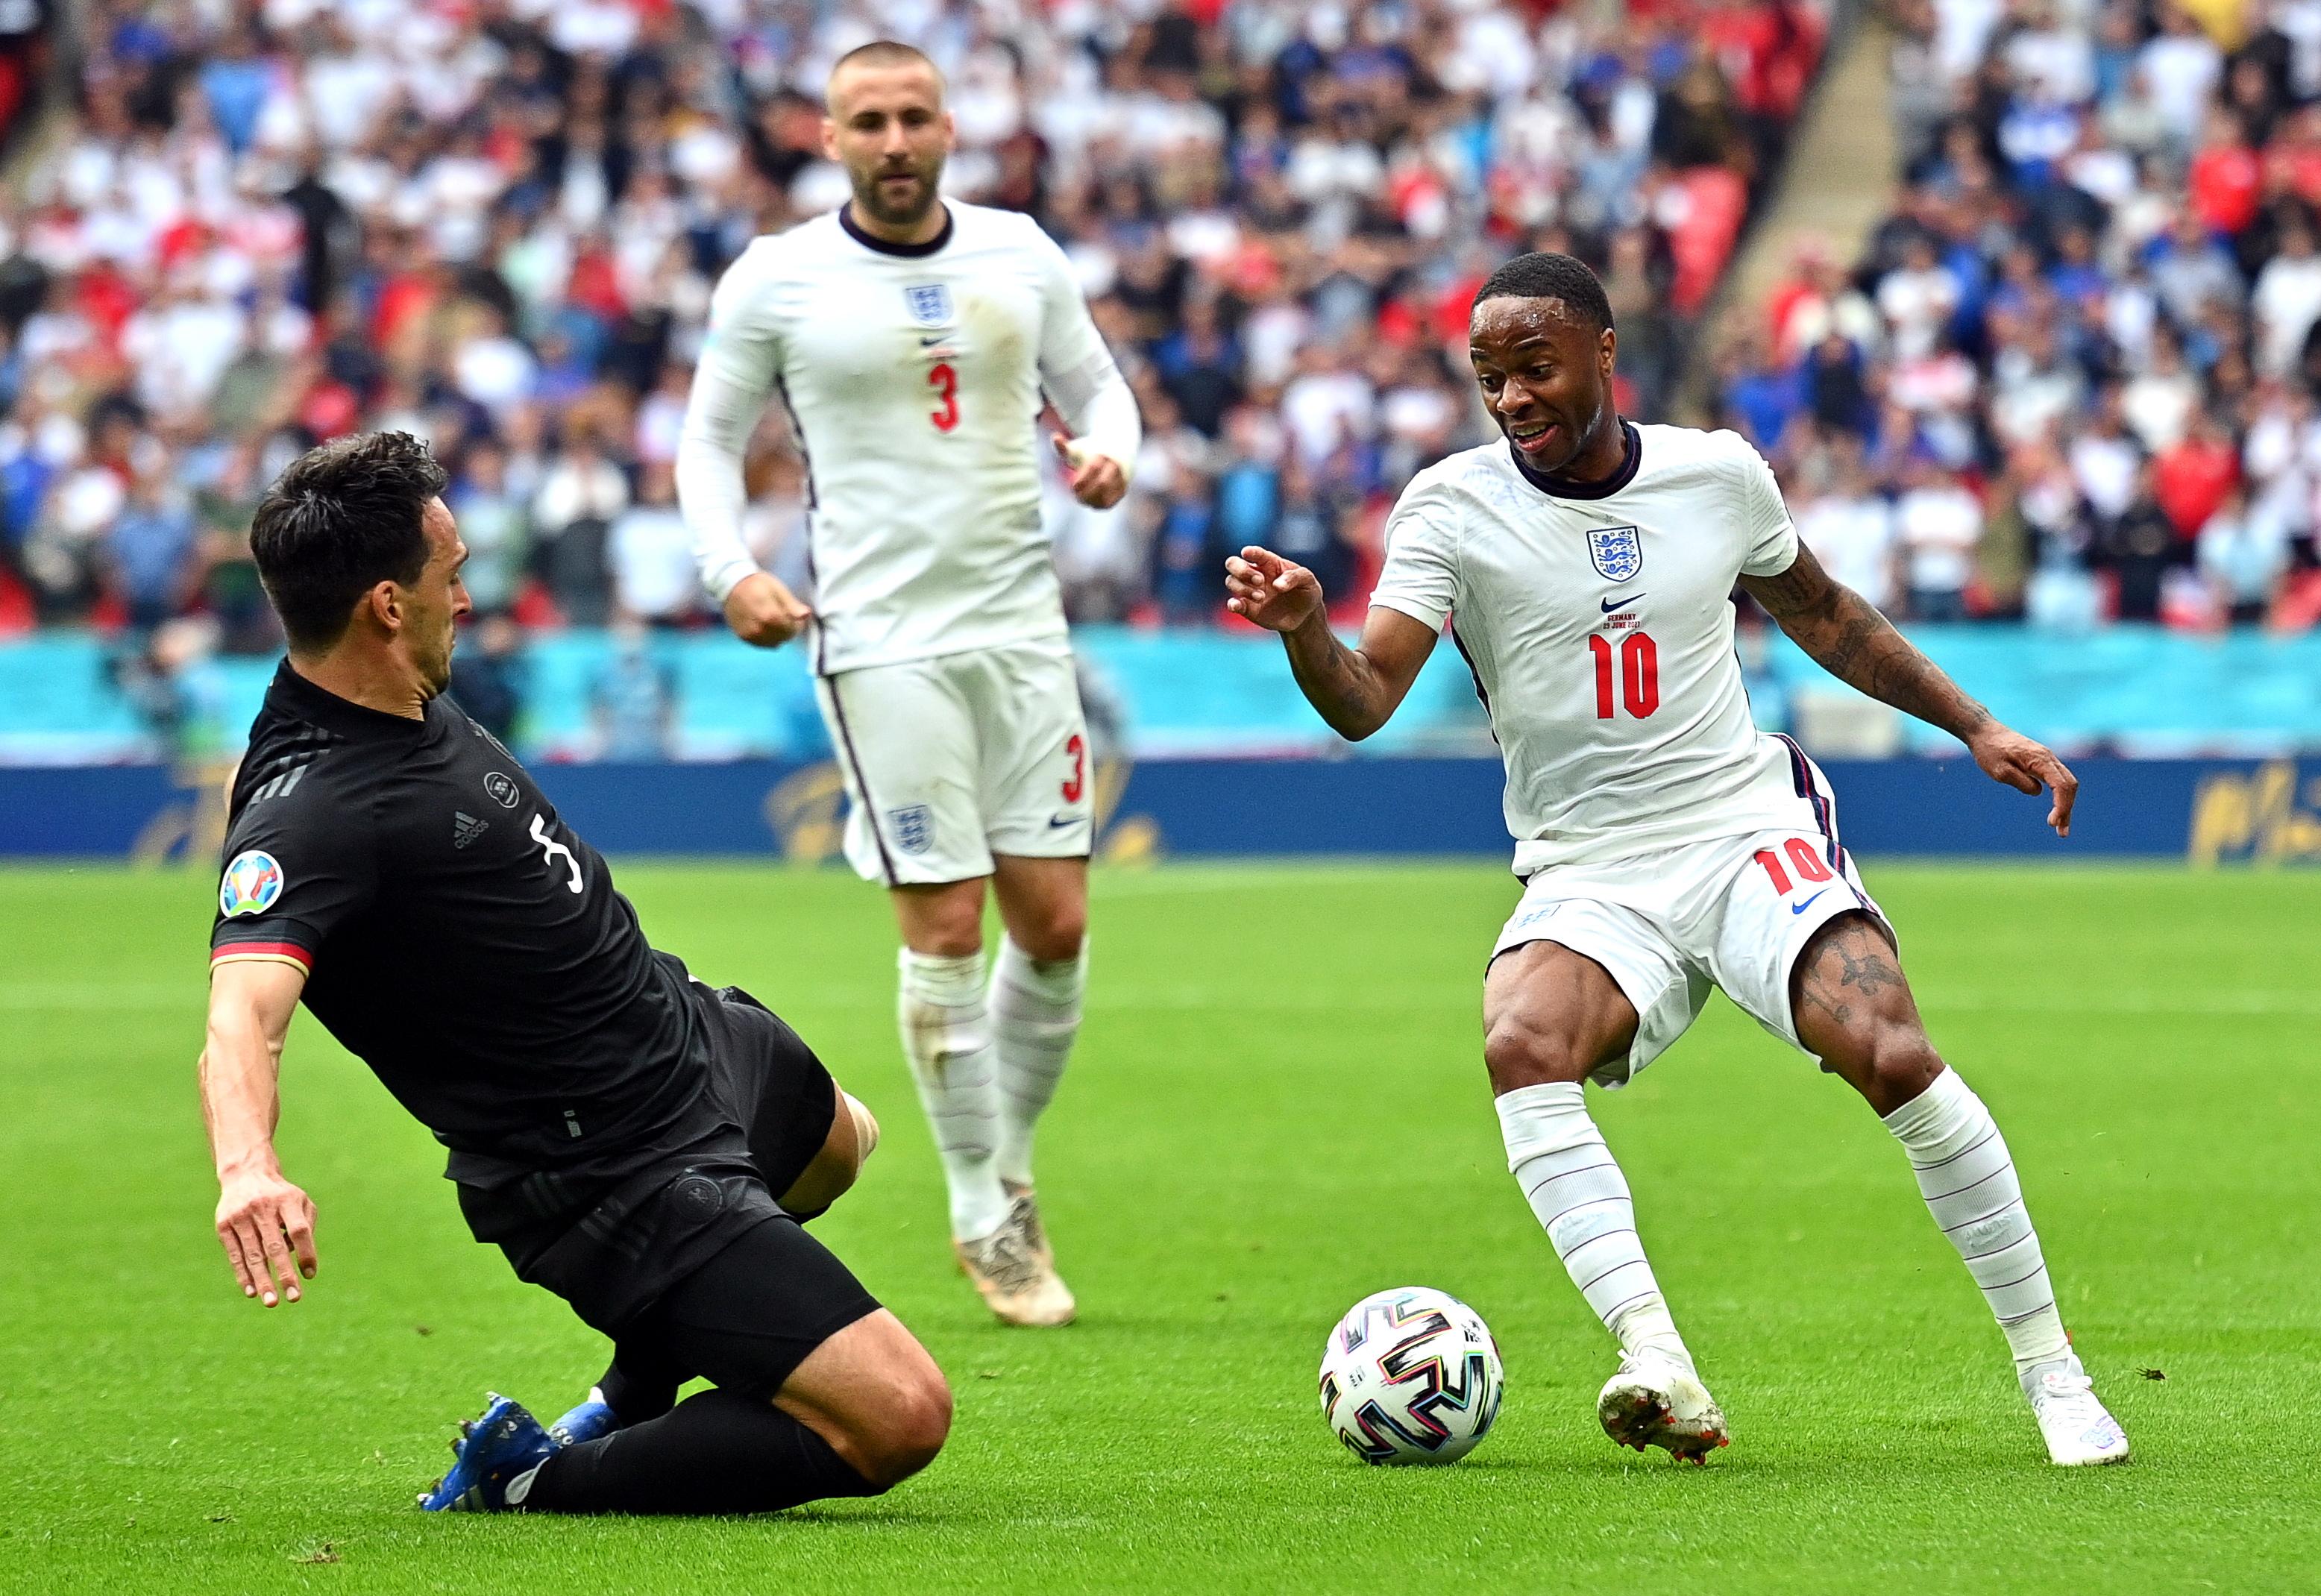 6月29日,英格兰队球员斯特林(右)与德国队球员胡梅尔斯(左)拼抢。